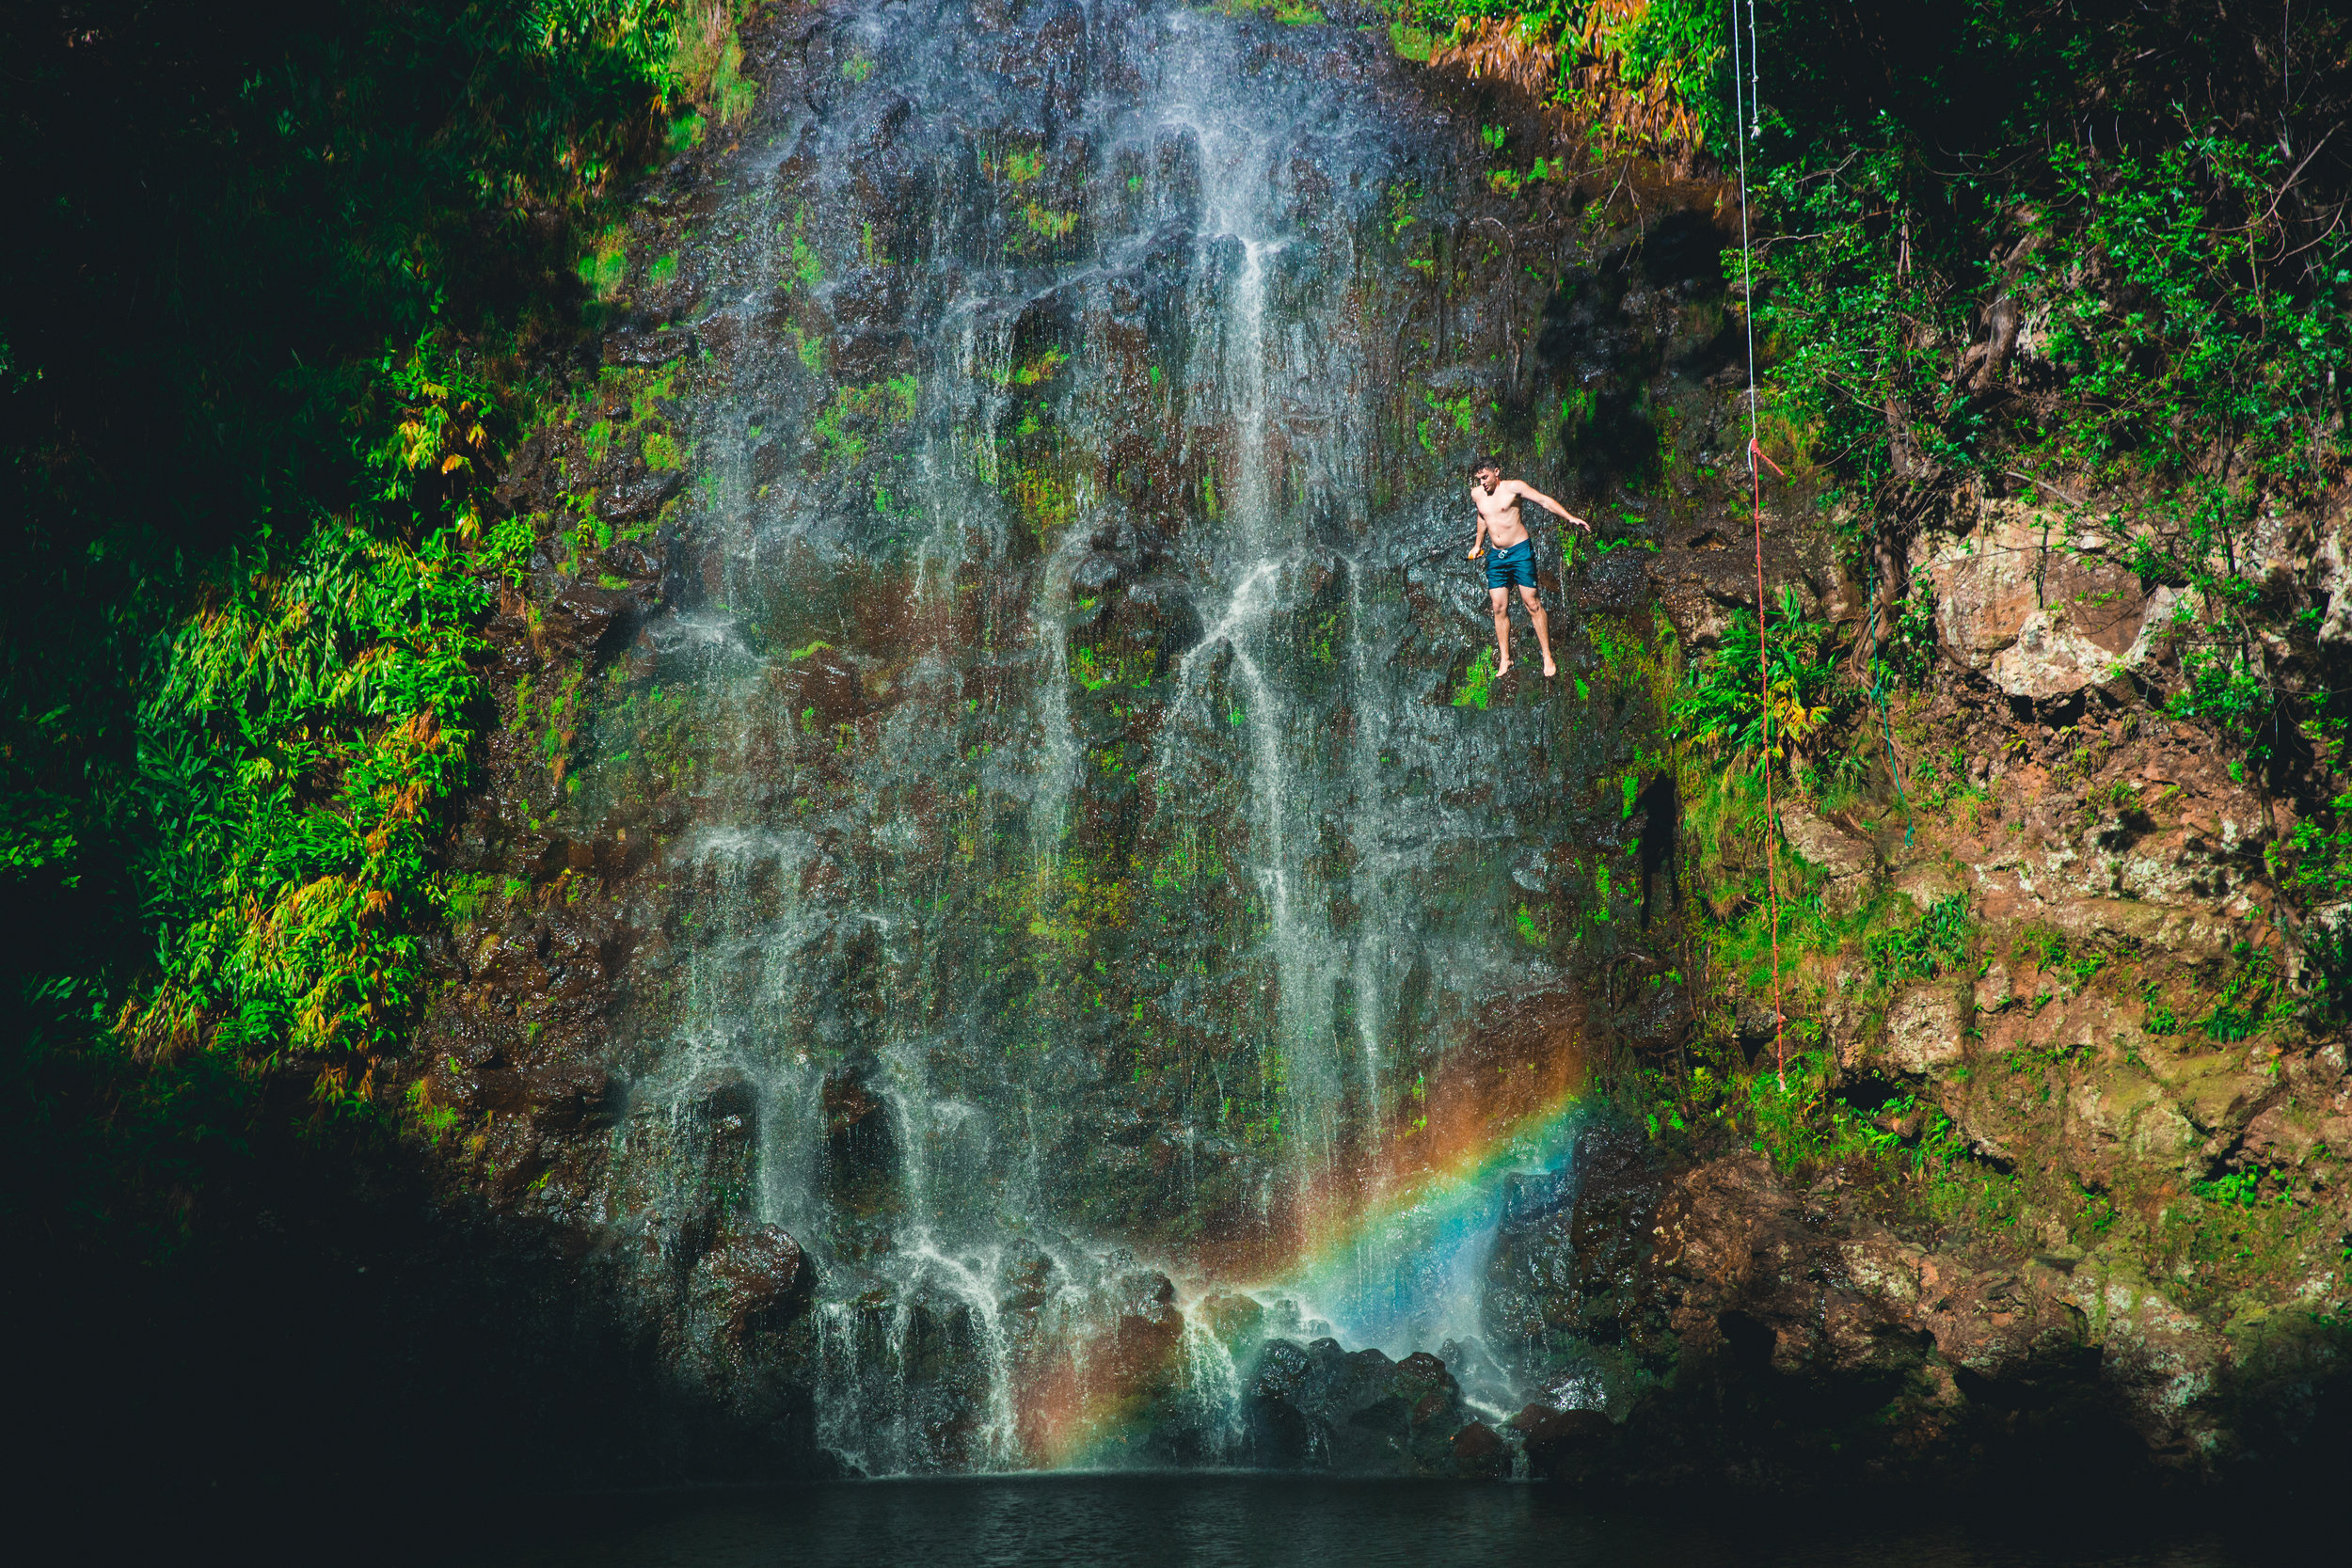 Maui - Una de las islas naturalmente más hermosas de todo el archipiélago. Cuenta con el impresionante Parque Nacional de Haleakala y su famoso volcán del mismo nombre. Te recomendamos ver un atardecer desde aquí (será una experiencia inolvidable). Recorre la ruta de Hana.